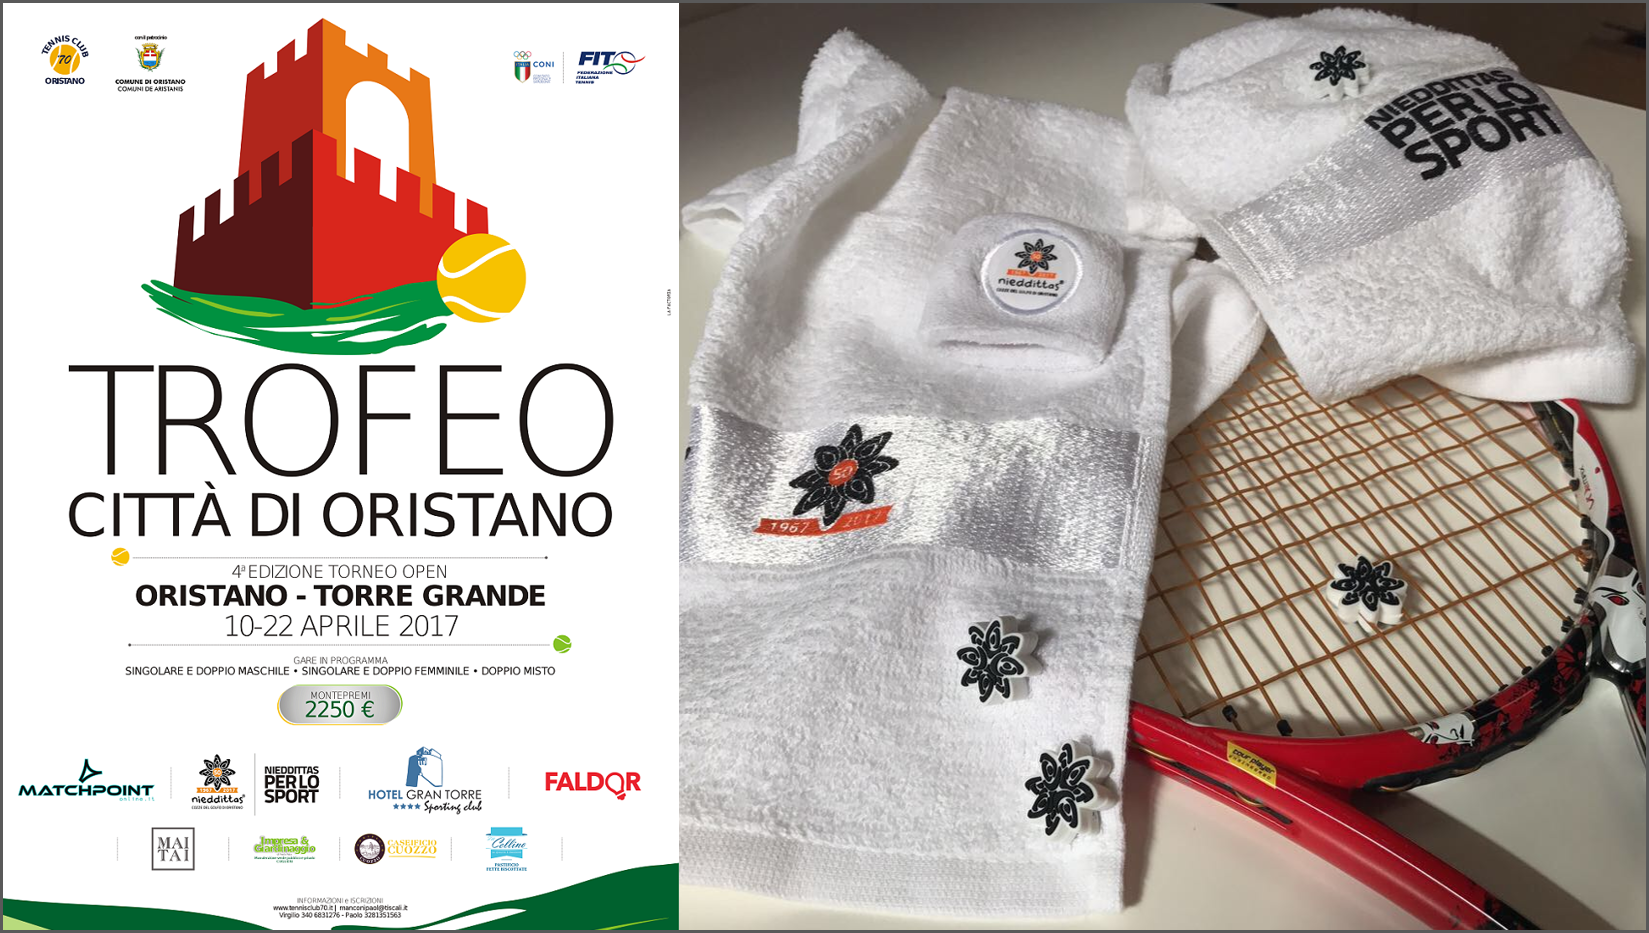 Nieddittas per lo sport: dal 10 al 22 aprile torneo Trofeo Città di Oristano.